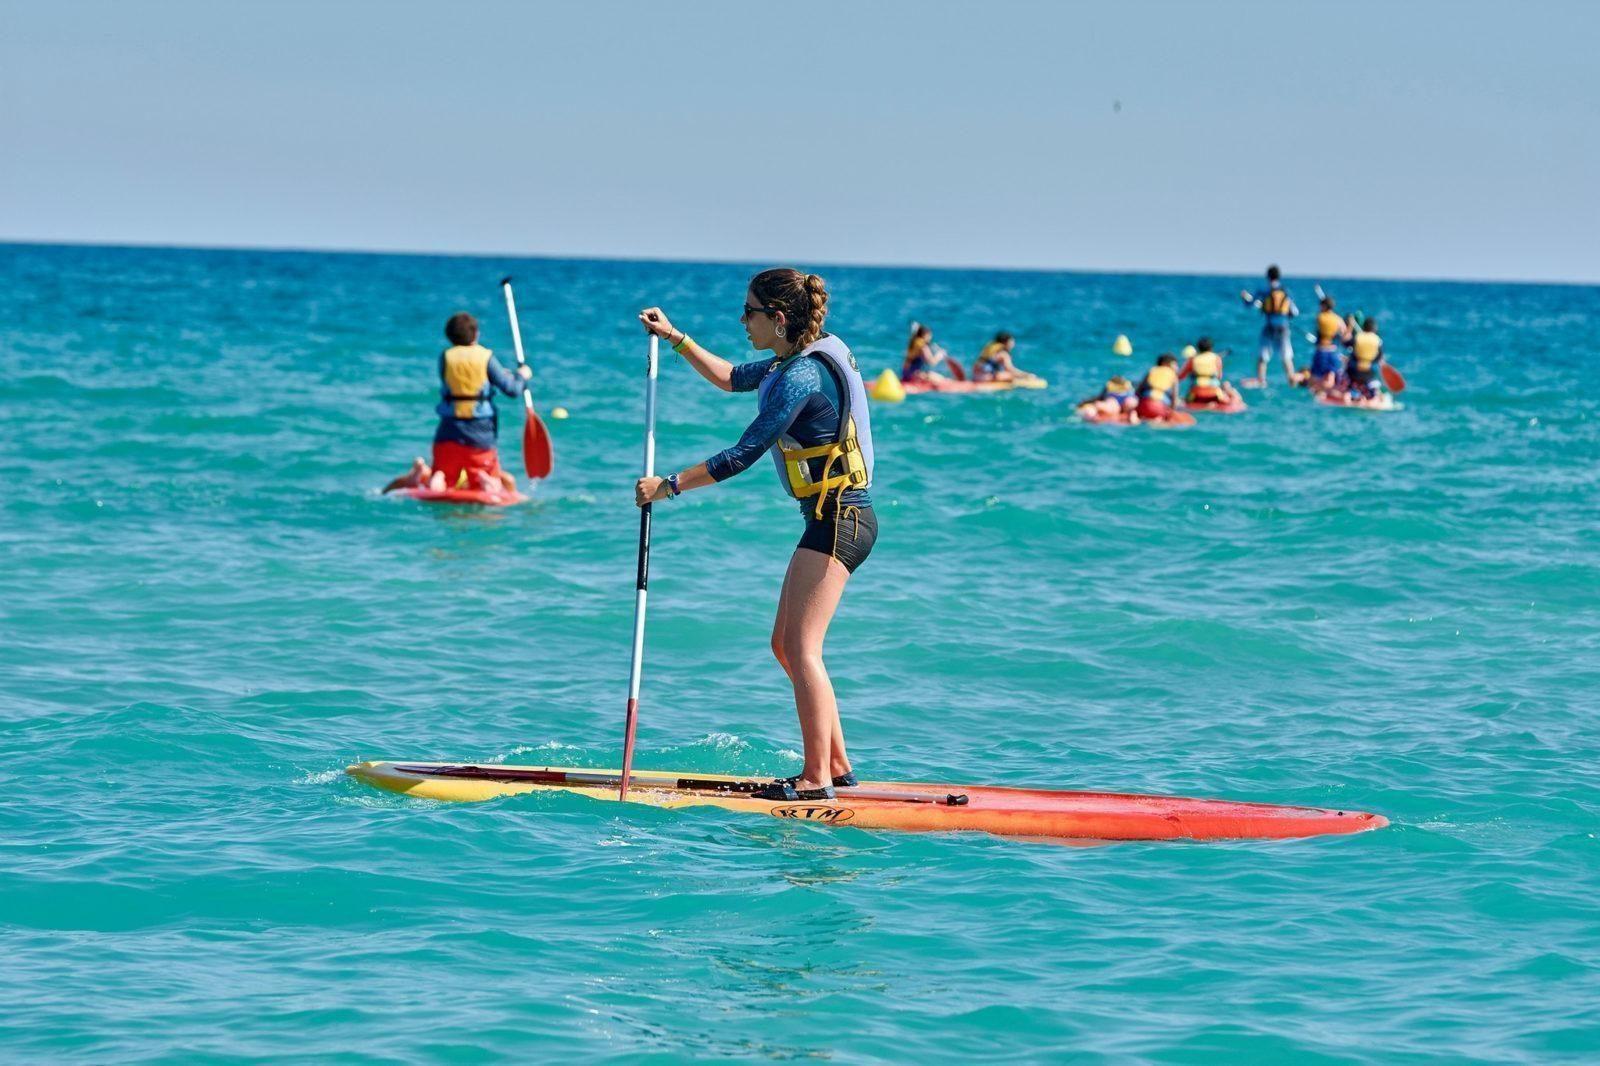 Lloguer de Paddle Surf a Tamarit